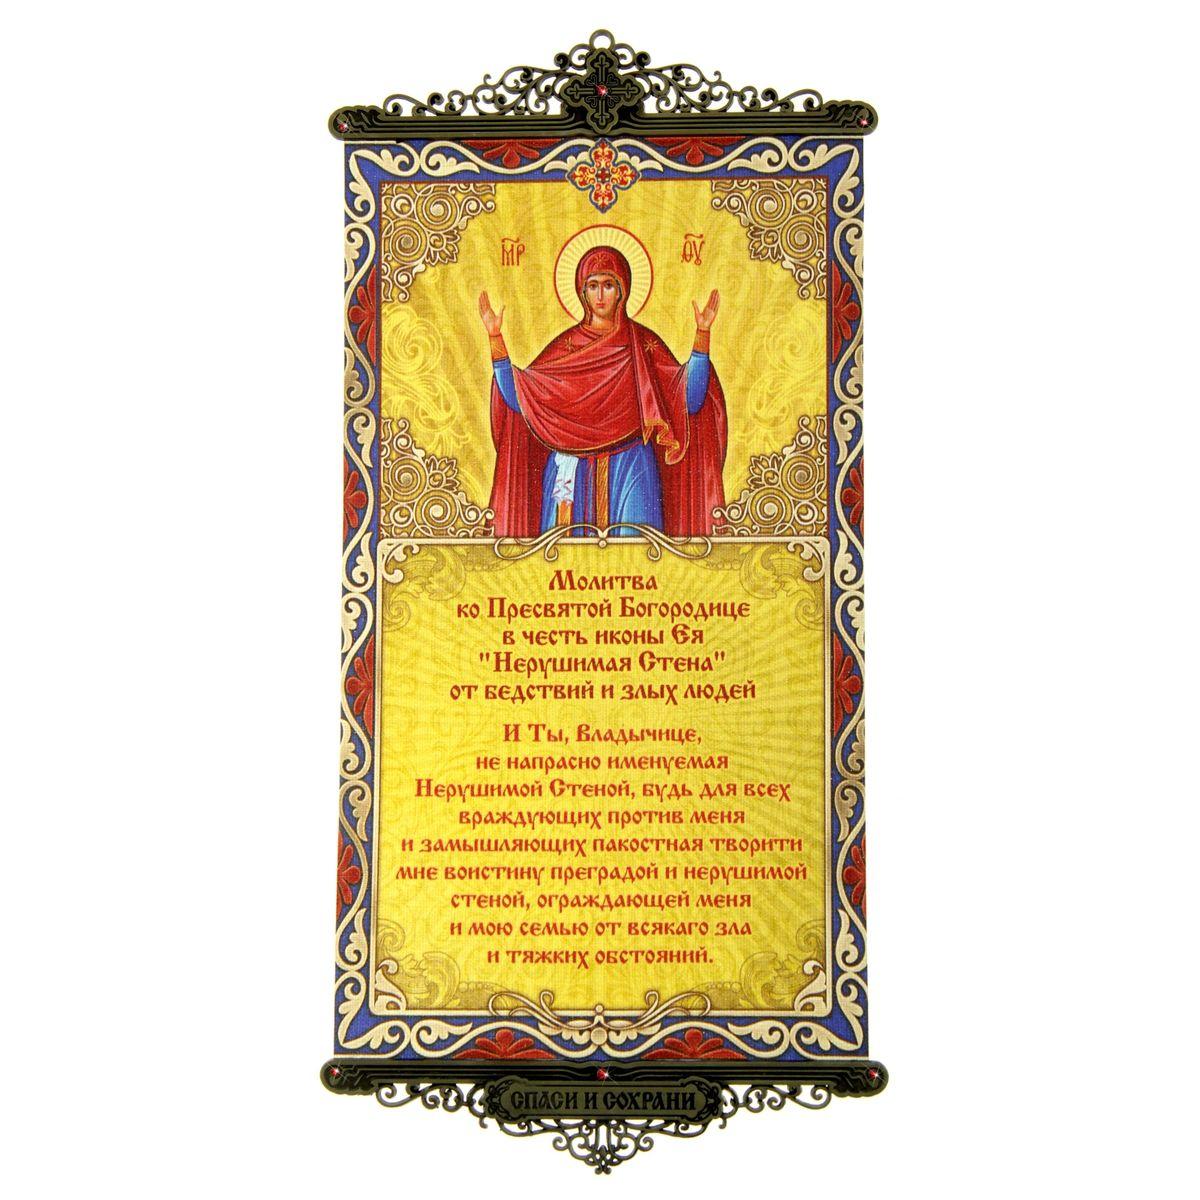 Икона с молитвой Молитва ко Пресвятой Богородице от бедствий и злых людей, на подвесах602821Икона с молитвой Молитва ко Пресвятой Богородице от бедствий и злых людей выполнена из плотного текстиля с нанесенным цветным рисунком, края декорированы ажурными металлическими вставками со стразами. Цветовая гамма и интерьер влияют на настроение каждого, именно поэтому так важны детали, которые нас окружают. Знатоки интерьерных решений стараются применять самые разнообразные решения при художественном оформлении внутреннего пространства и использовать все возможные материалы. Икона с молитвой на подвесах - это хорошее решение для интерьера по выгодной цене!